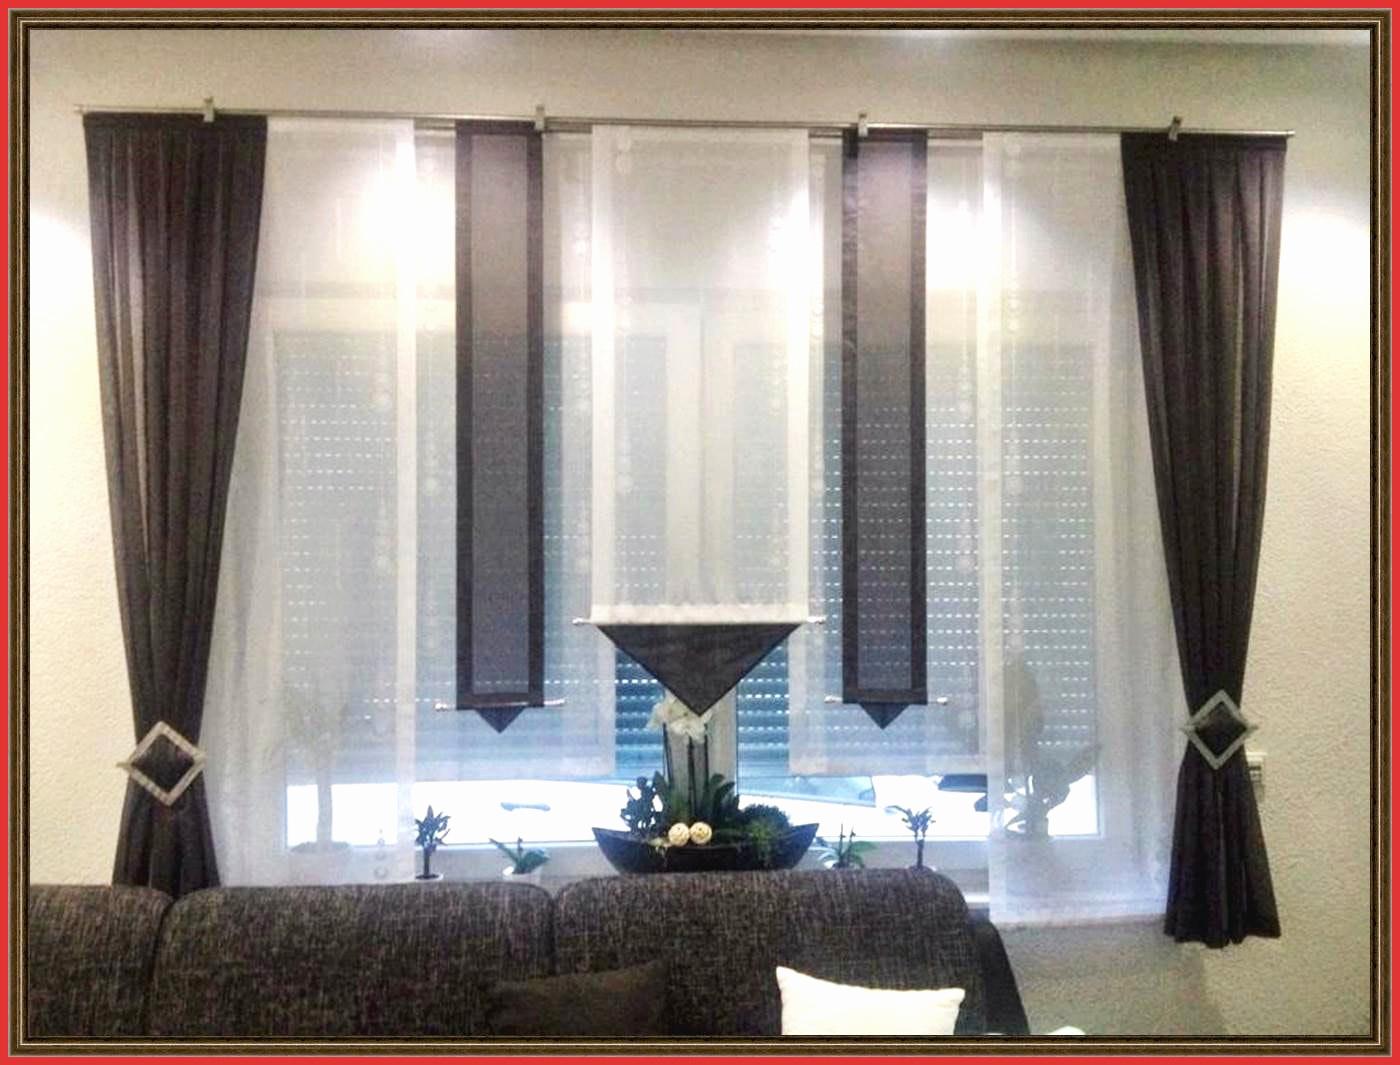 Full Size of Küchenfenster Gardinen 24 Inspirierend Lager Von Ideen Fr Groe Fenster Für Küche Wohnzimmer Schlafzimmer Die Scheibengardinen Wohnzimmer Küchenfenster Gardinen